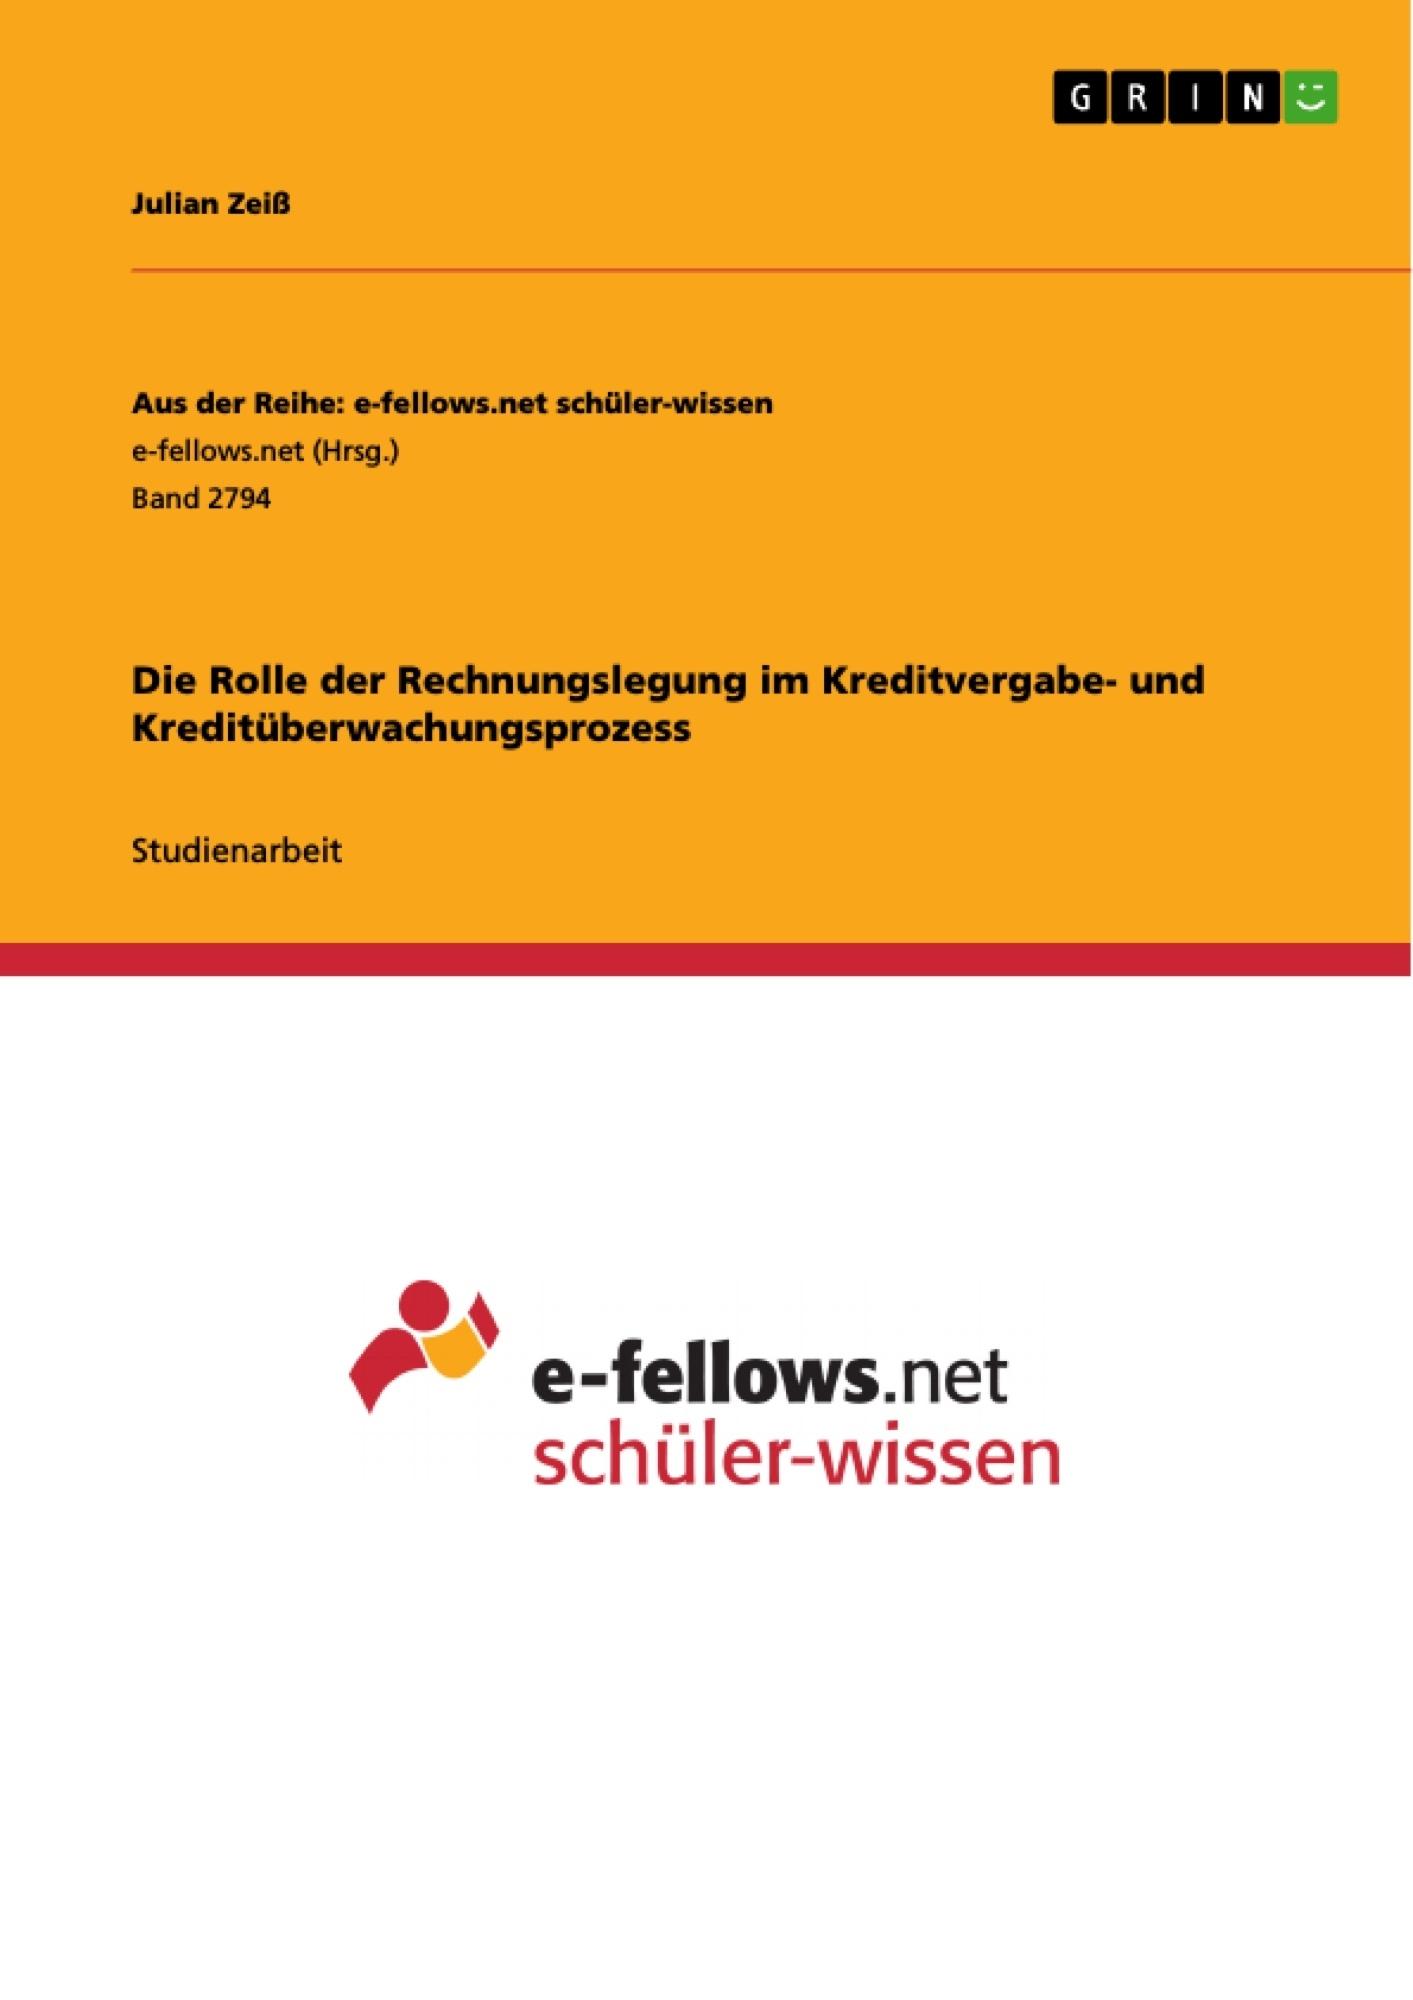 Titel: Die Rolle der Rechnungslegung im Kreditvergabe- und Kreditüberwachungsprozess